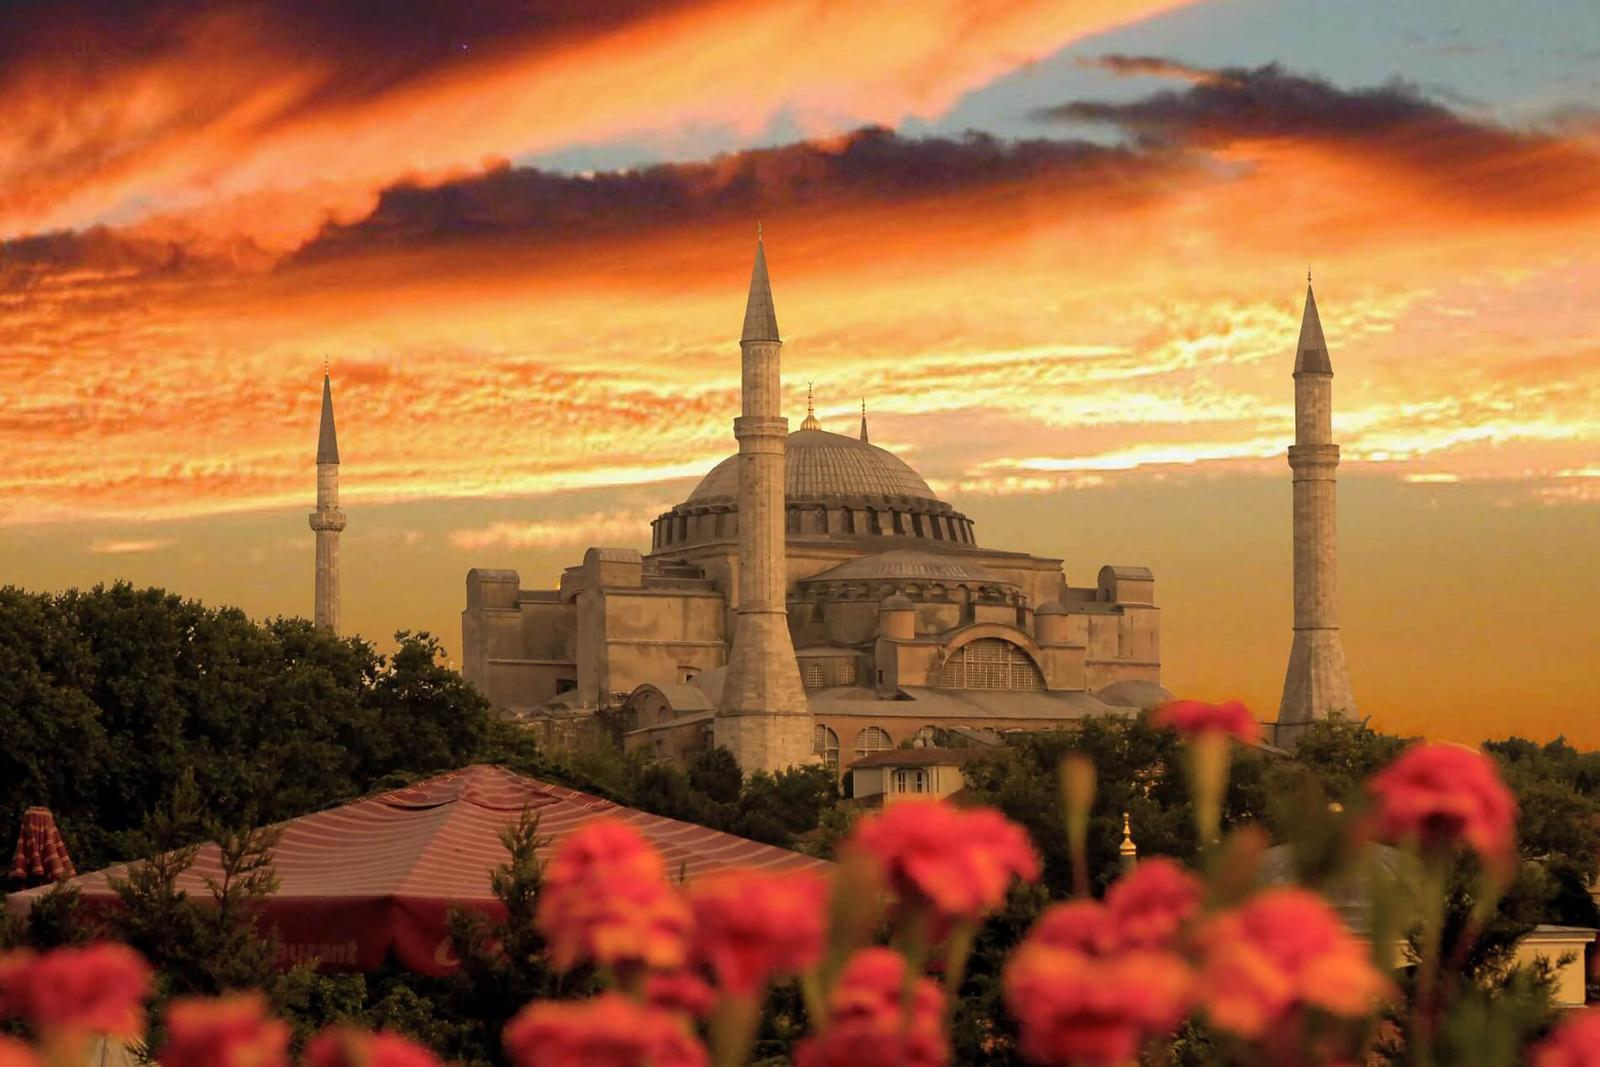 6 Agia Sofia, Istanbul - credits to someotherday 275-10-proorimoi-stin-tourkia-pou-aksizei-na-episkefteis προορισμοι τουρκια